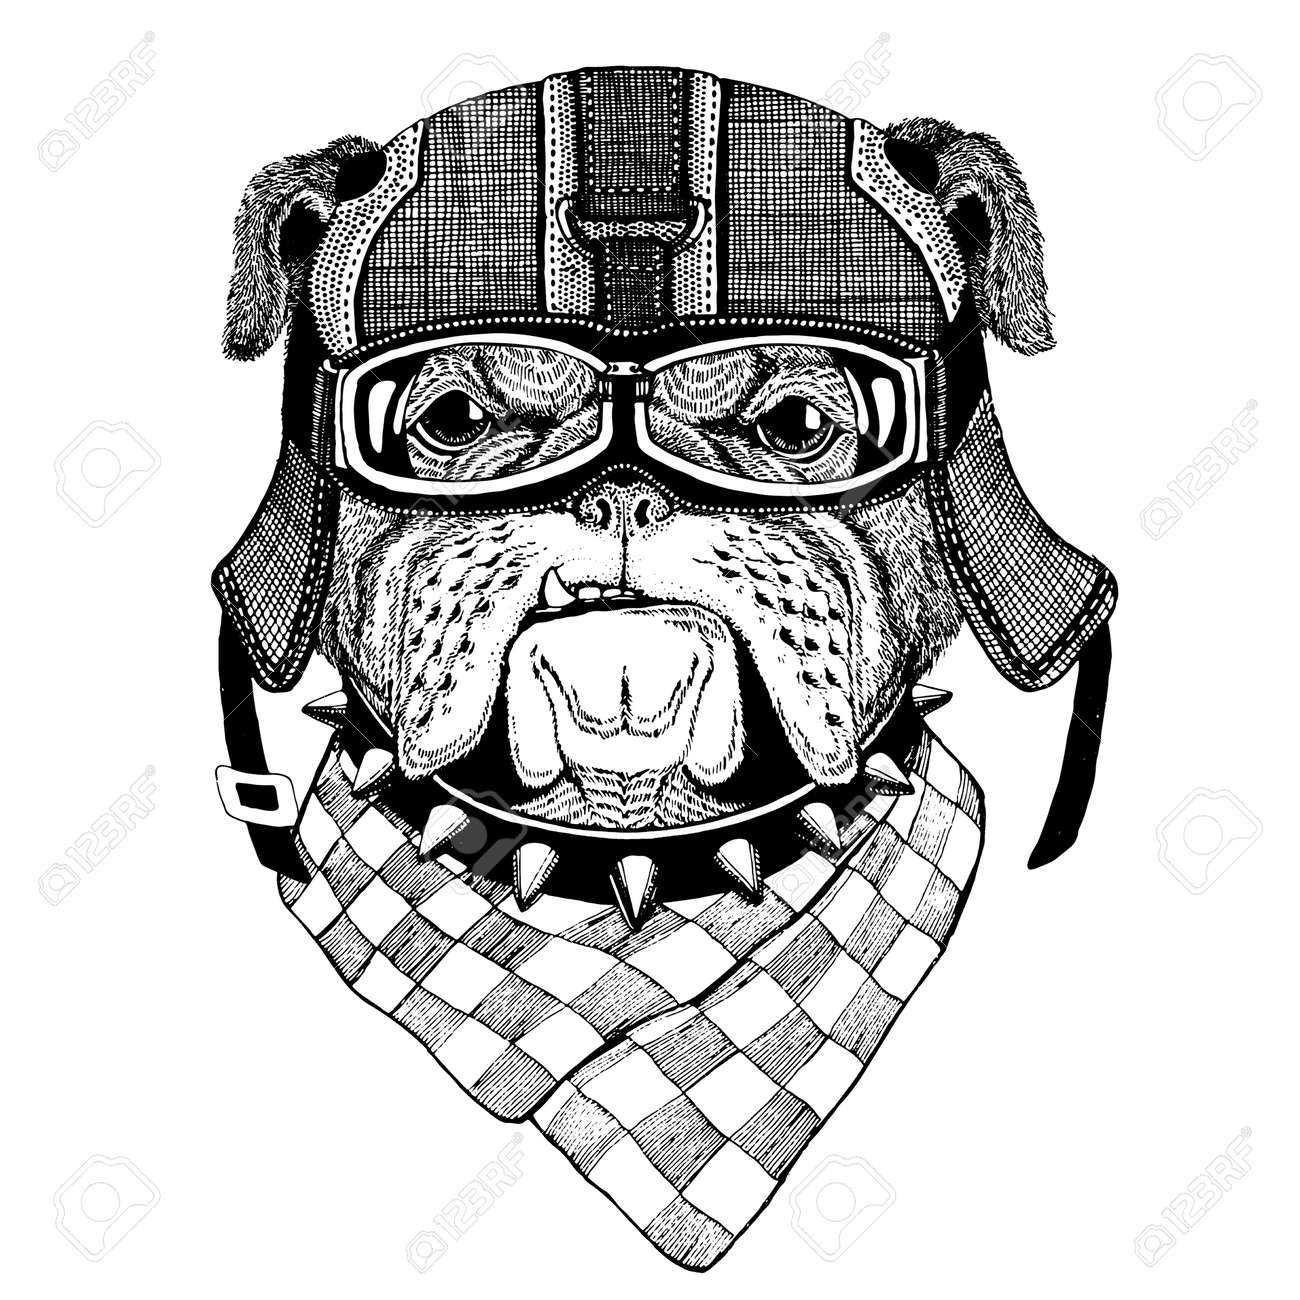 Bulldog Portant Casque De Moto Casque Daviateur Illustration Pour